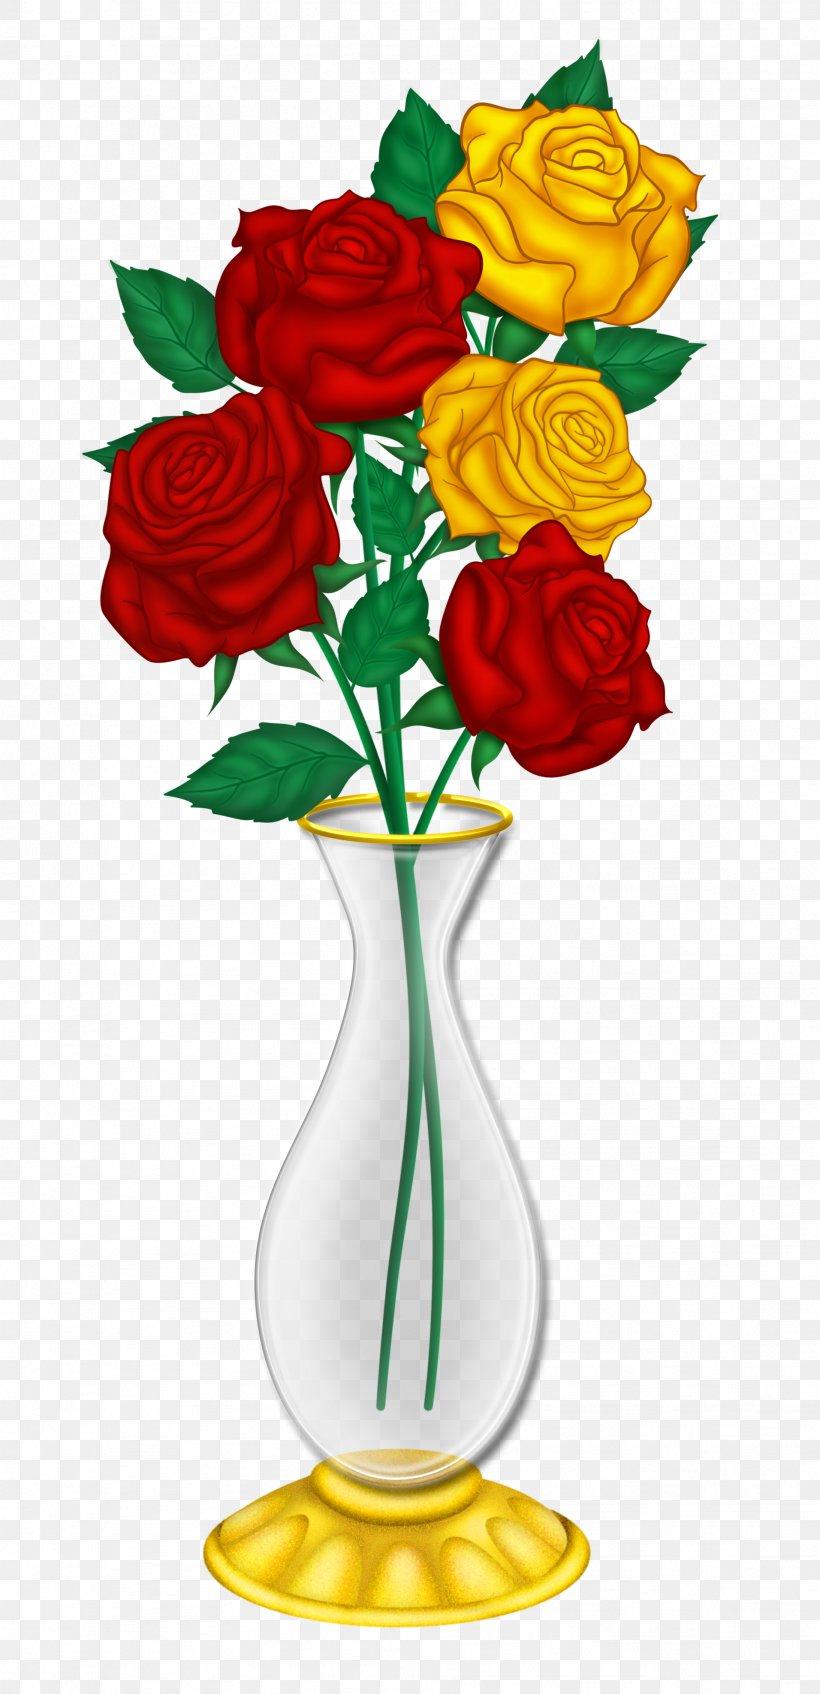 Vase Flower Rose Clip Art, PNG, 1912x3952px, Vase, Art.